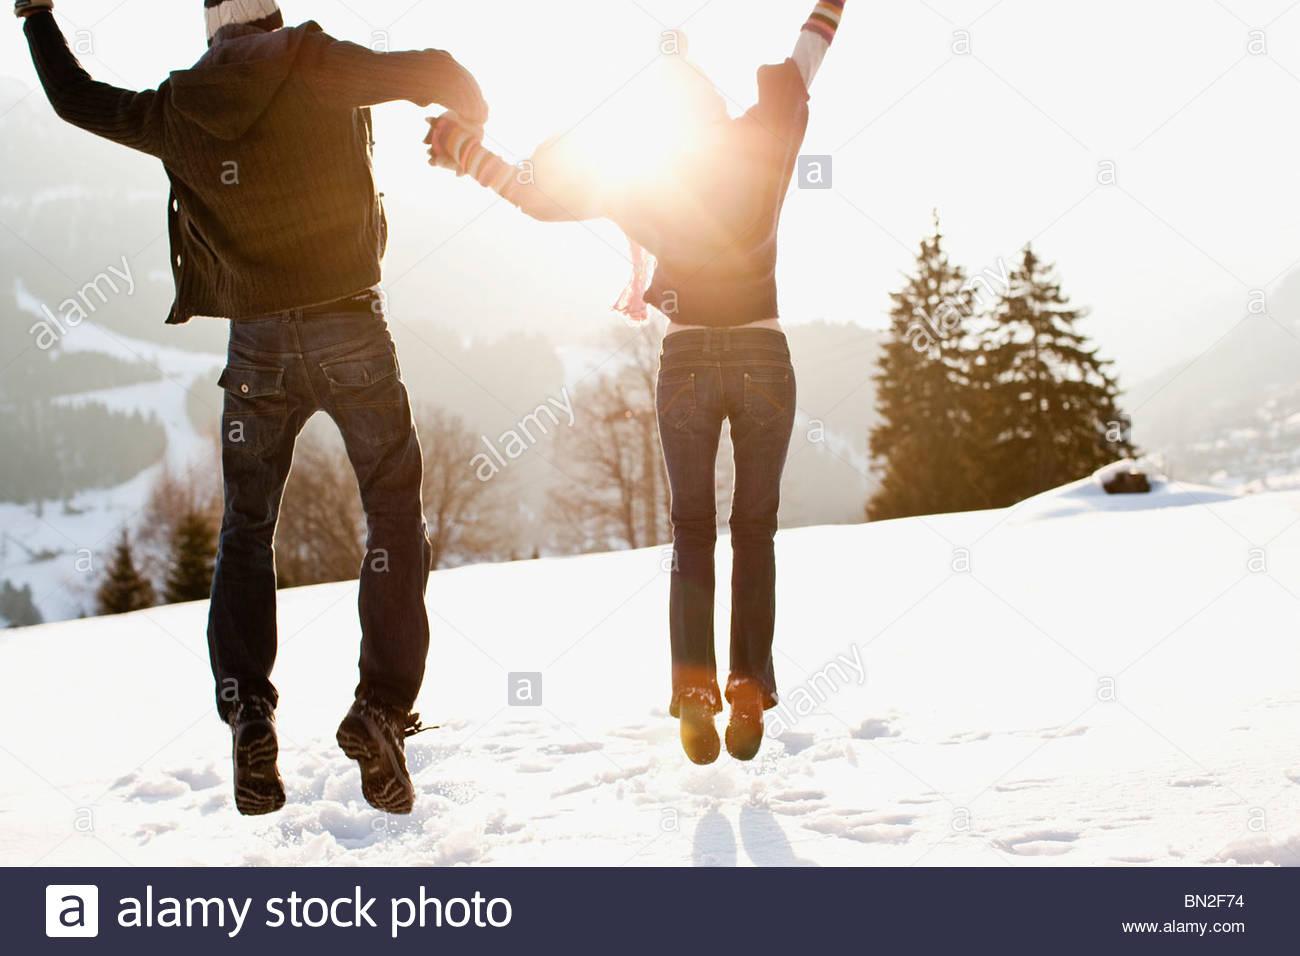 Paar springen im Freien im Schnee Stockfoto